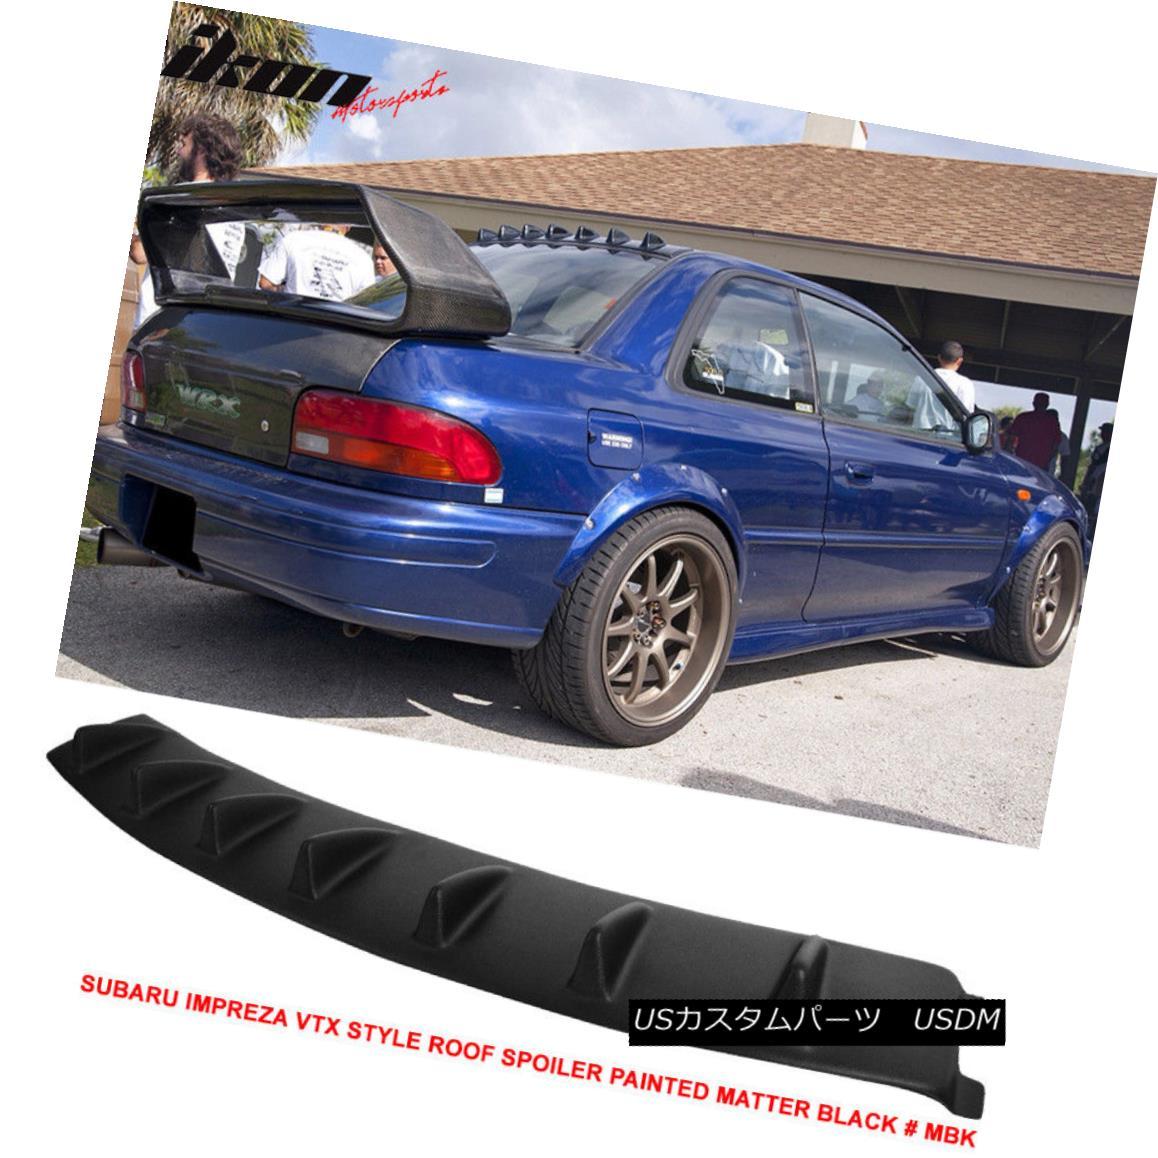 エアロパーツ For 93-01 Subaru Impreza VTX VG Style Roof Fin Spoiler Painted Matter Black #MBK 93-01用スバルインプレッサVTX VGスタイルルーフフィンスポイラーペイントマターブラック#MBK